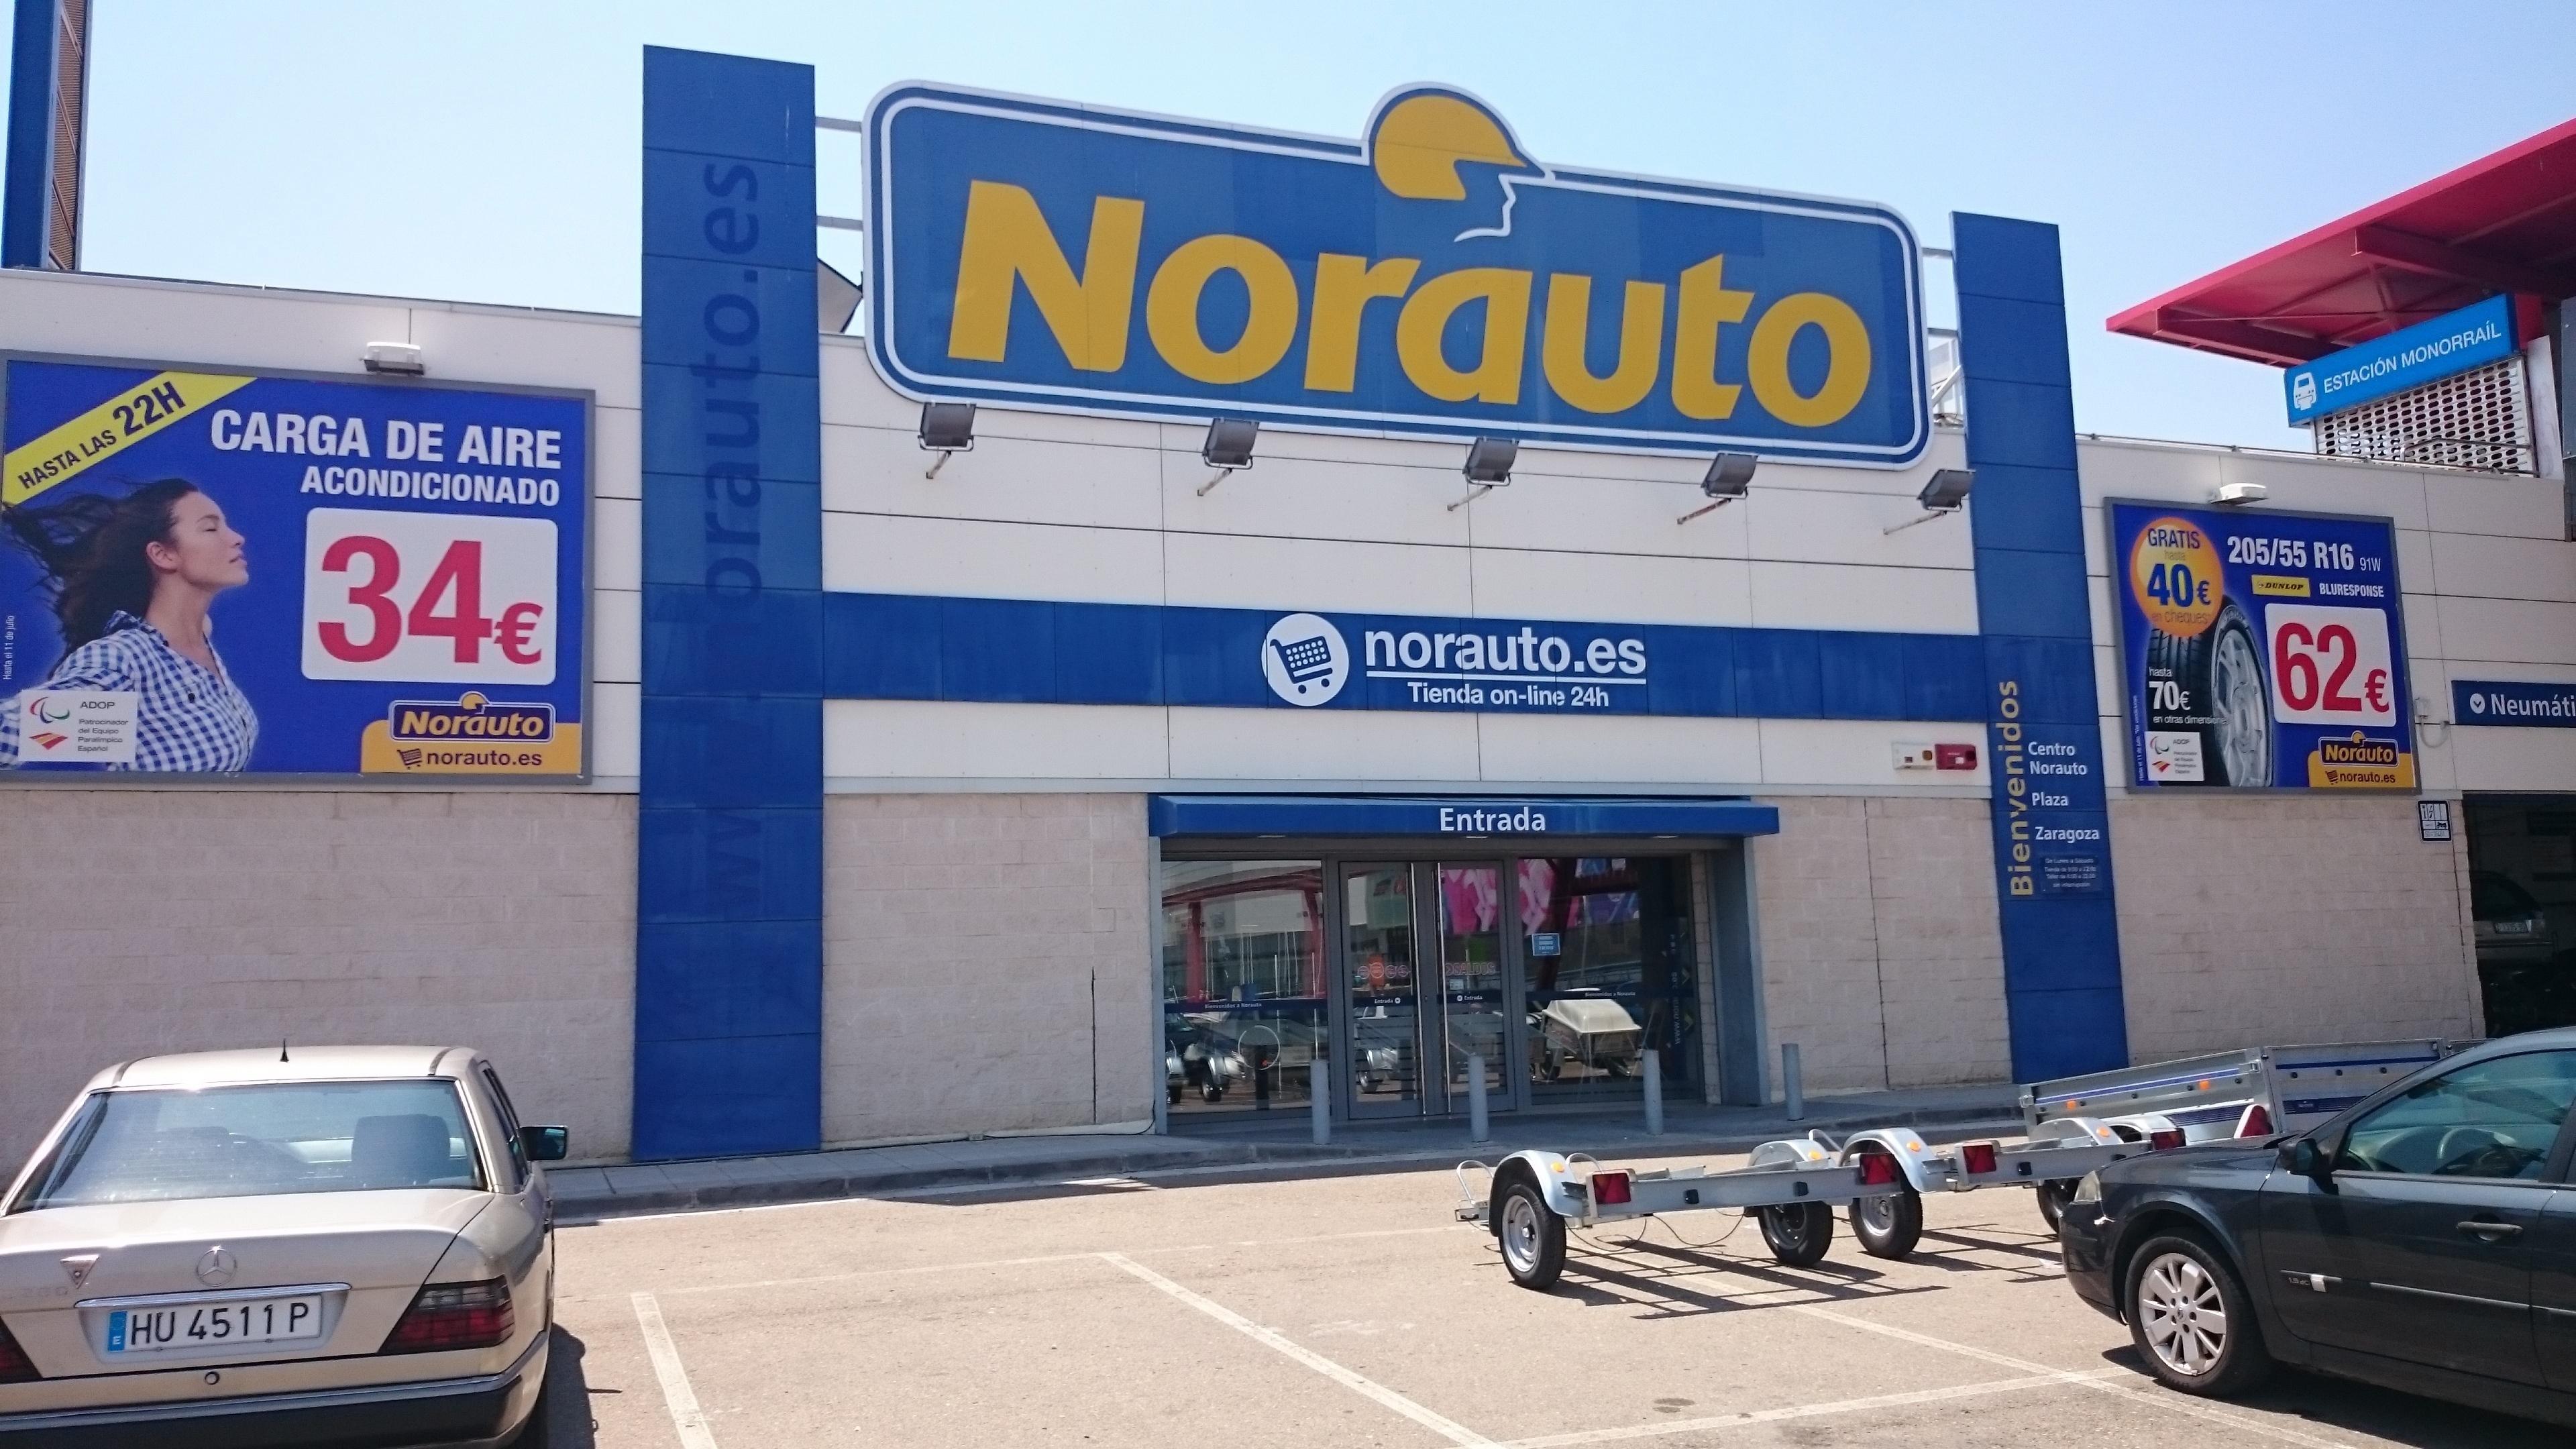 Norauto Zaragoza